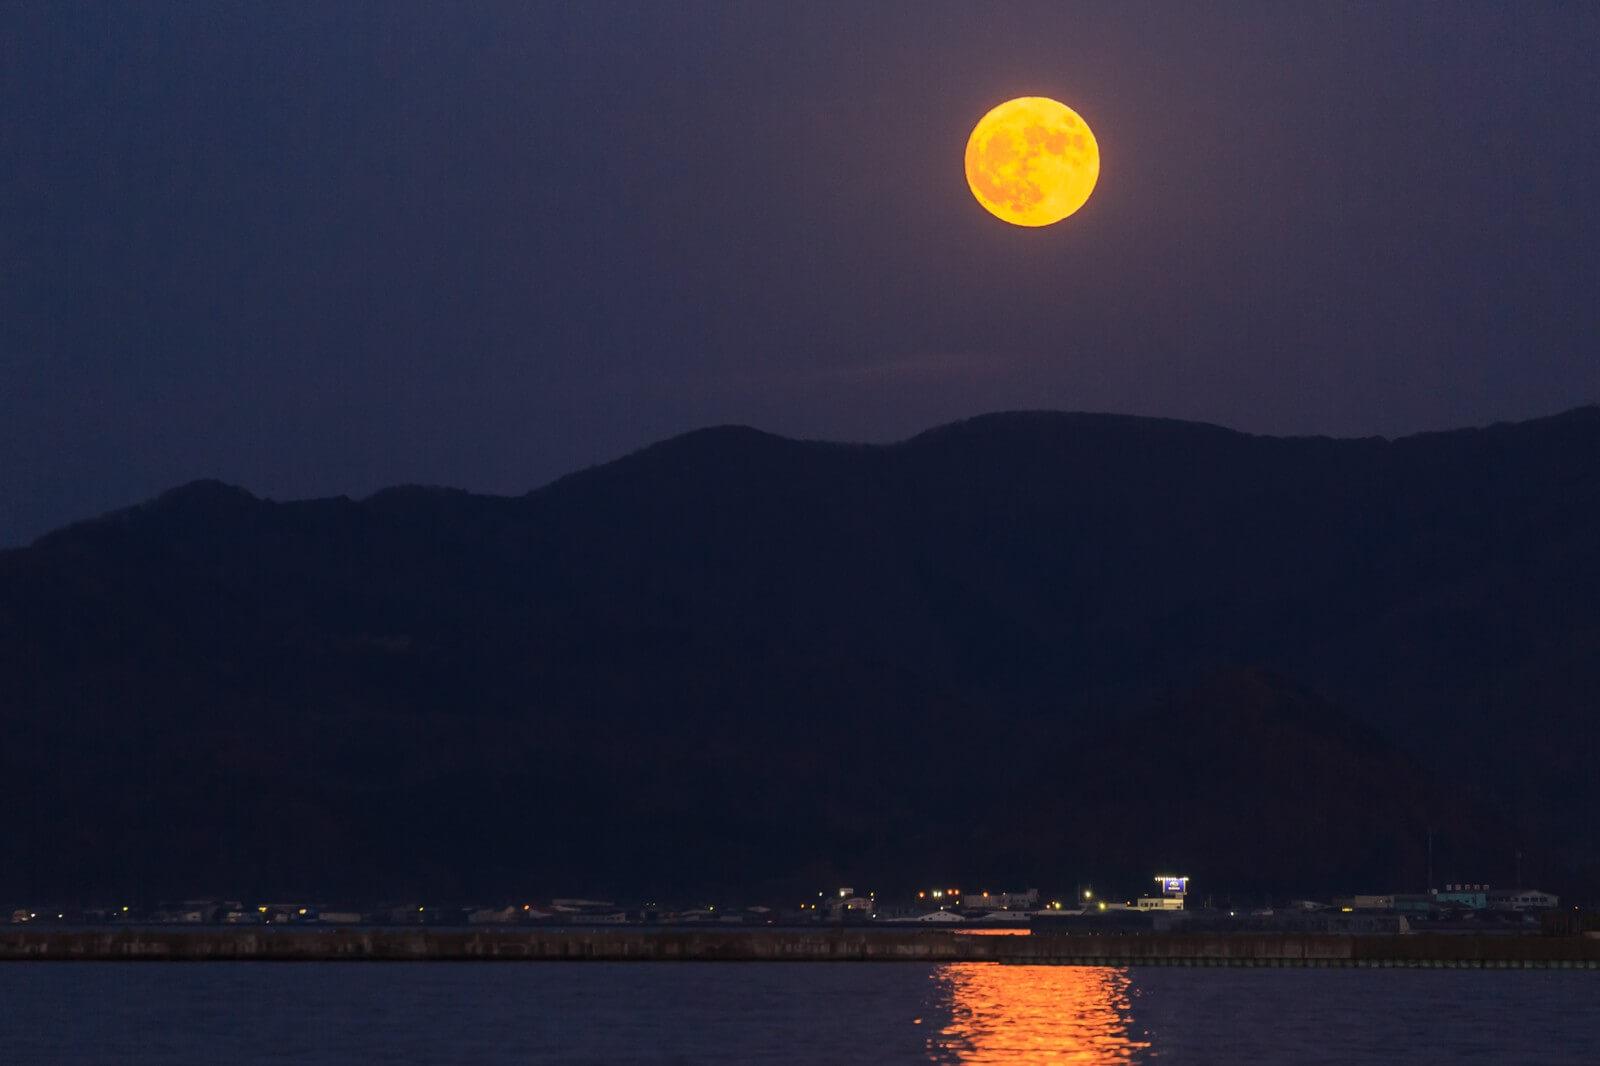 この世 を ば わが 世 と ぞ 思ふ 望月 の 欠け たる こと も なし と 思 へ ば 意味